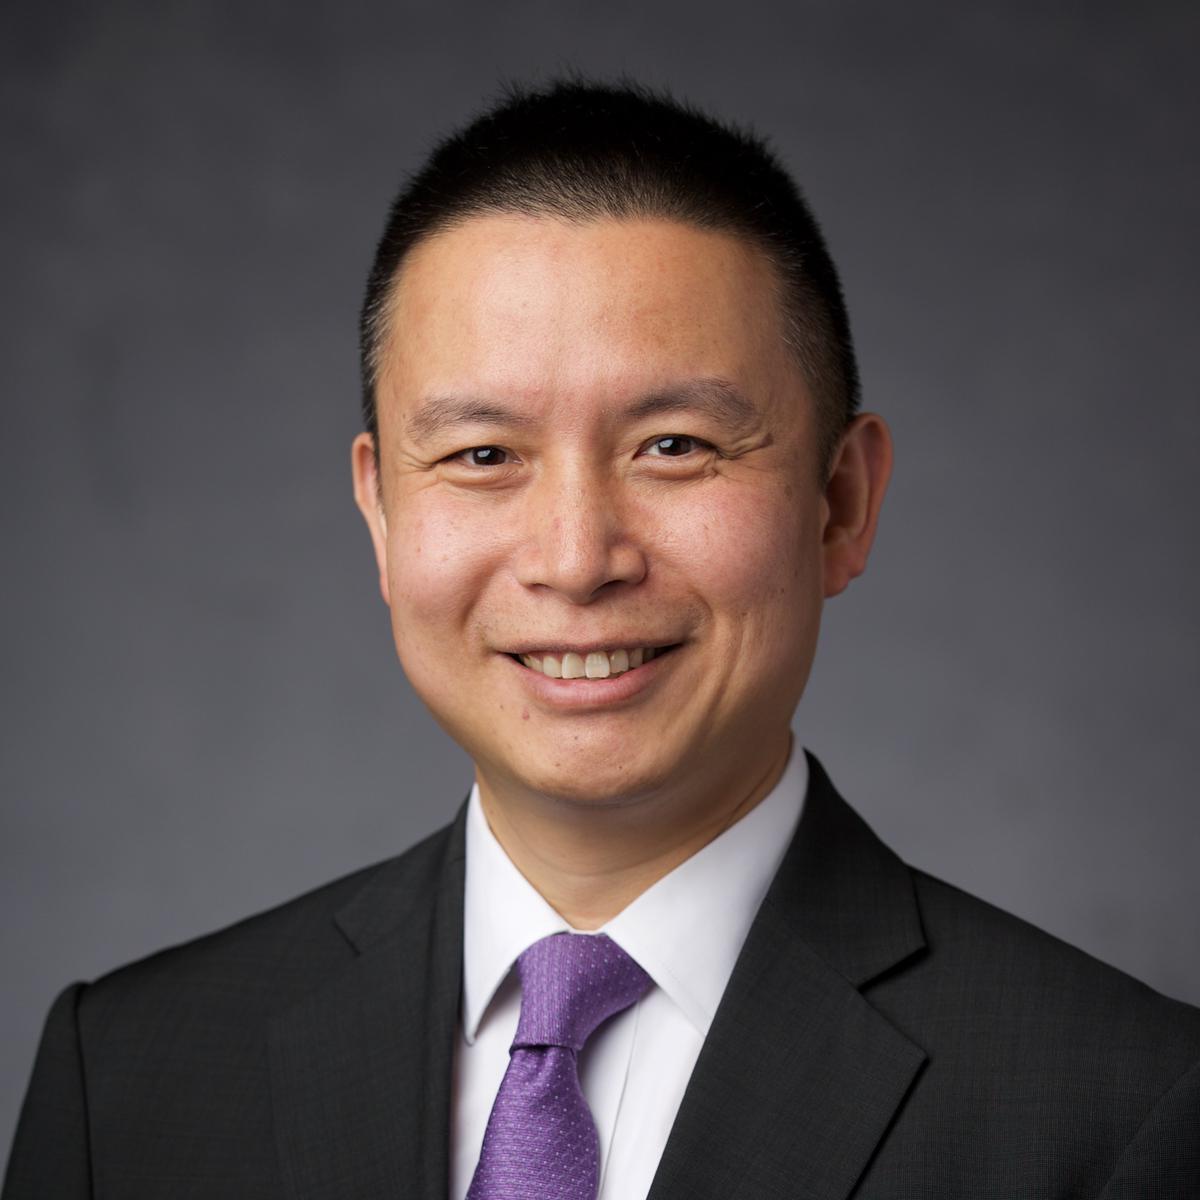 亞洲區域領袖訊息:成員及傳教士攜手合作的力量